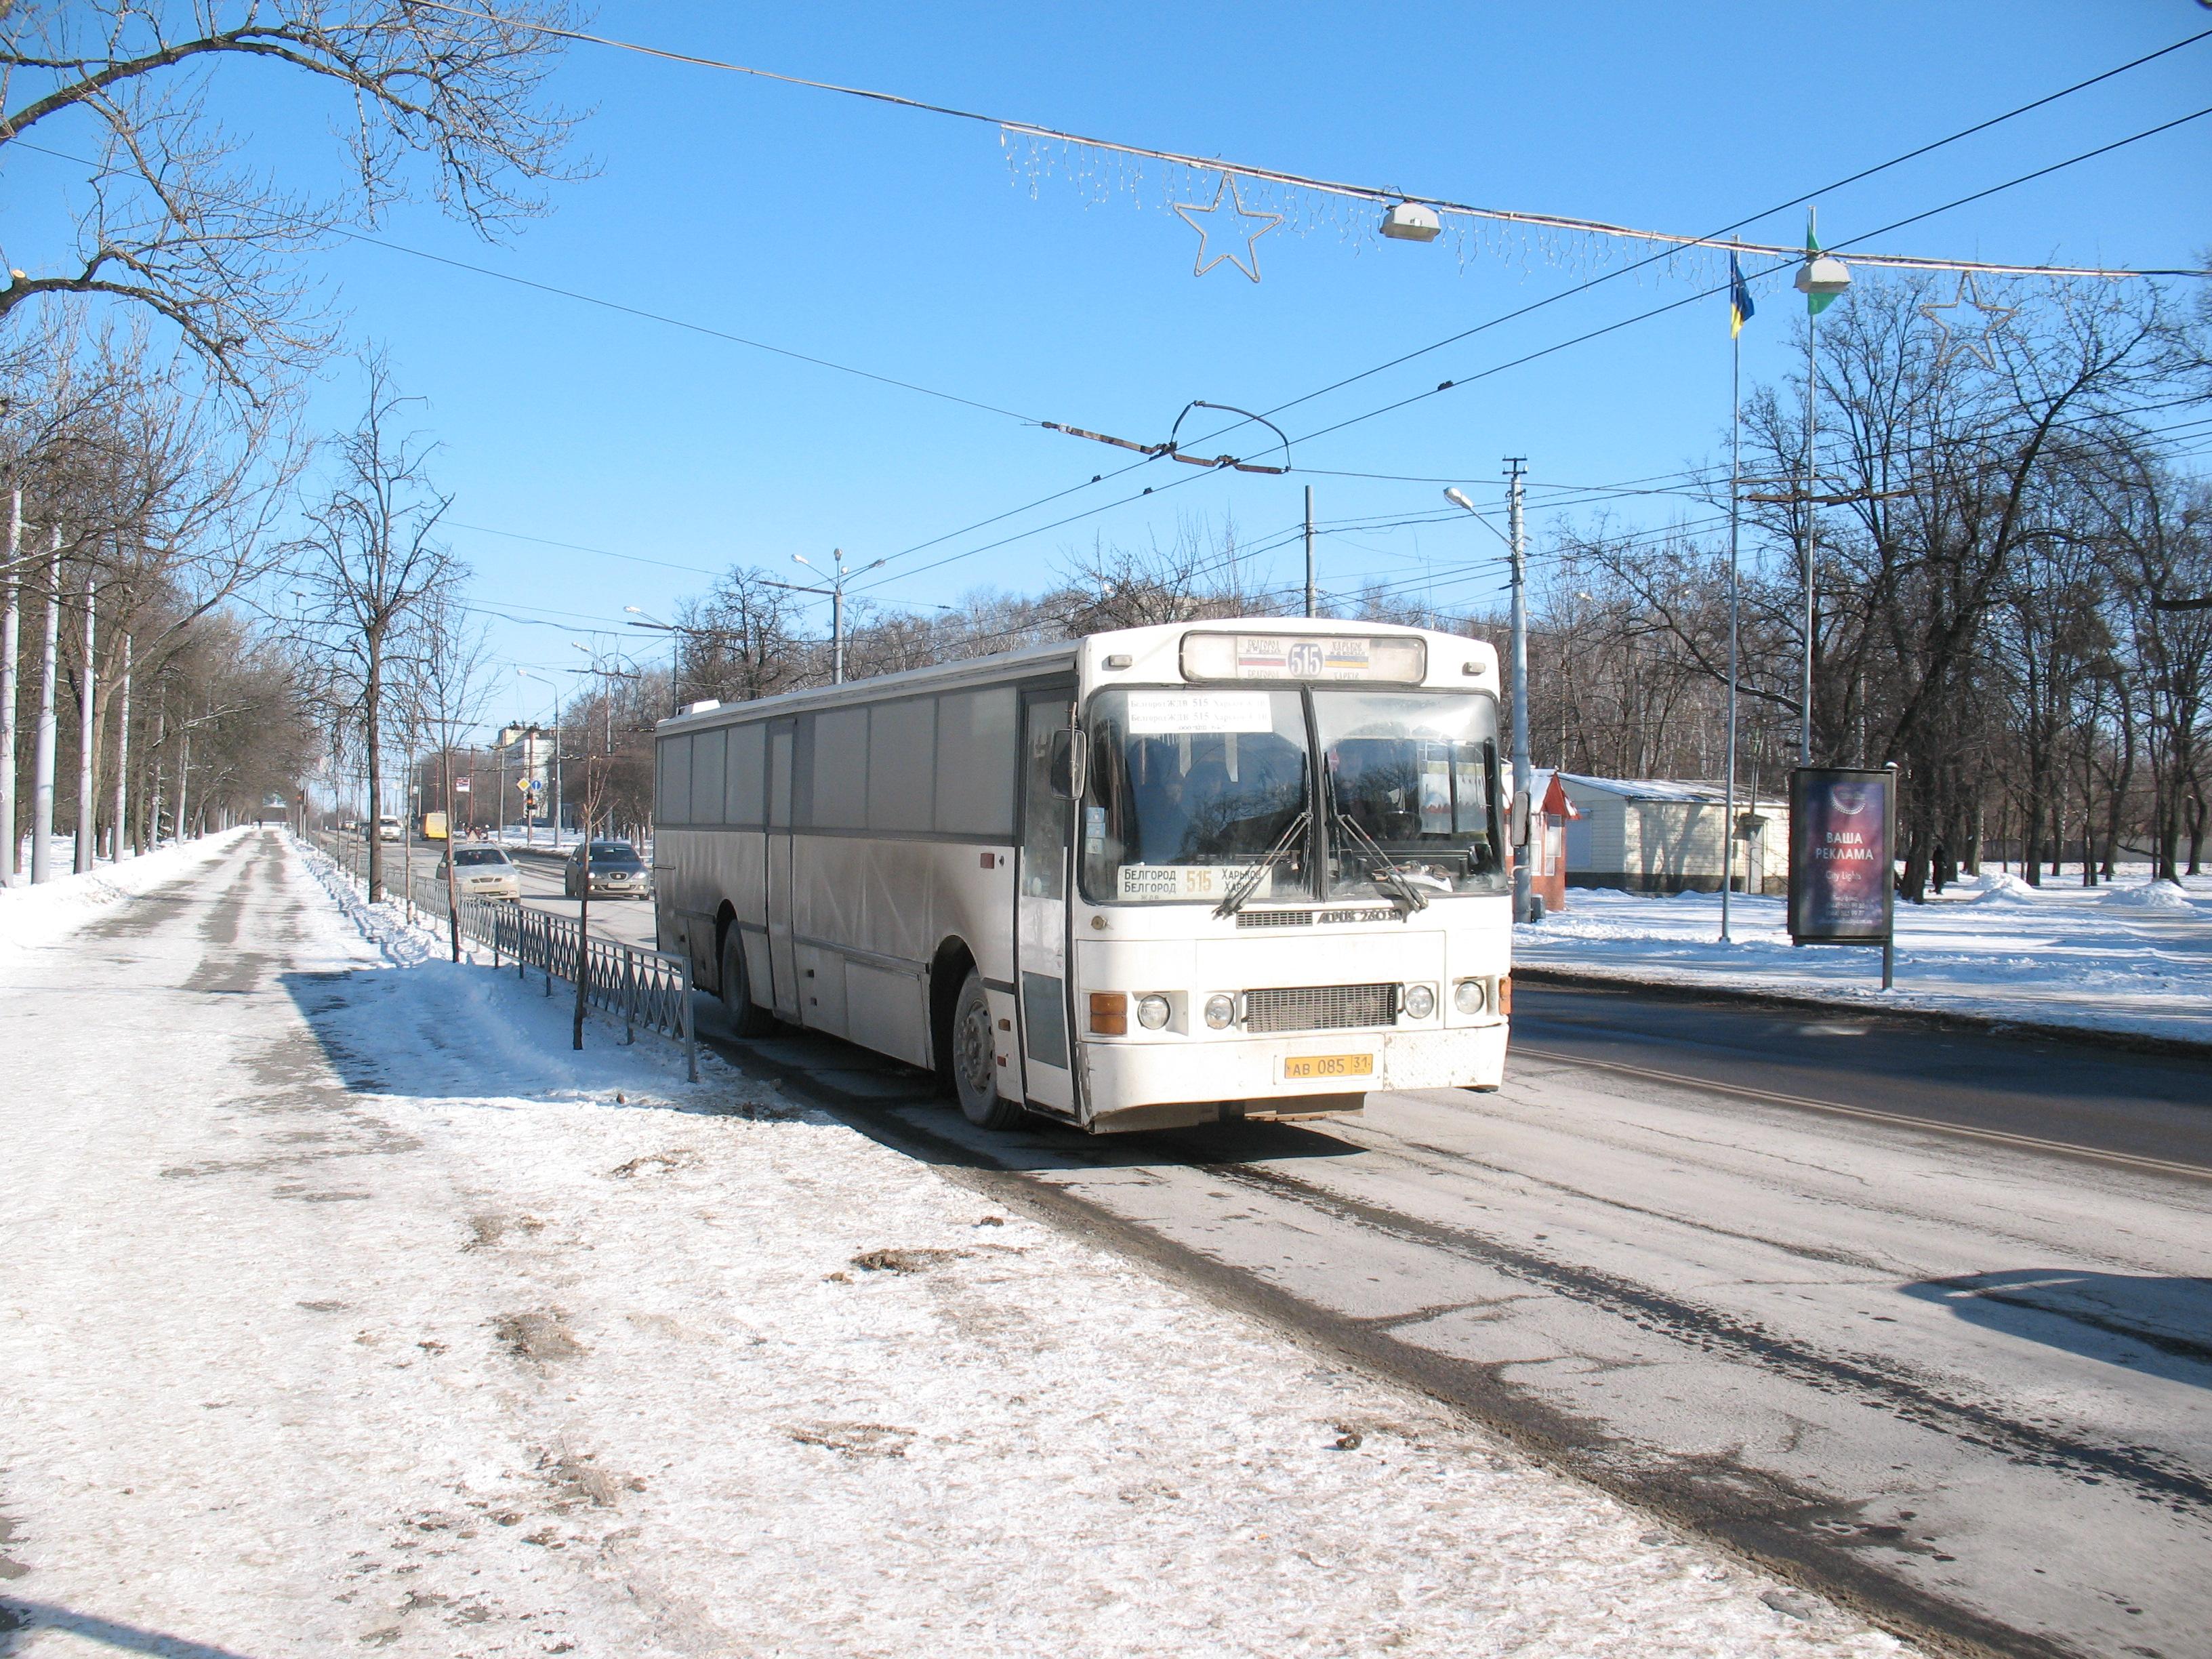 Еще одного ребенка вЕкатеринбурге высадили изавтобуса наполпути вмороз